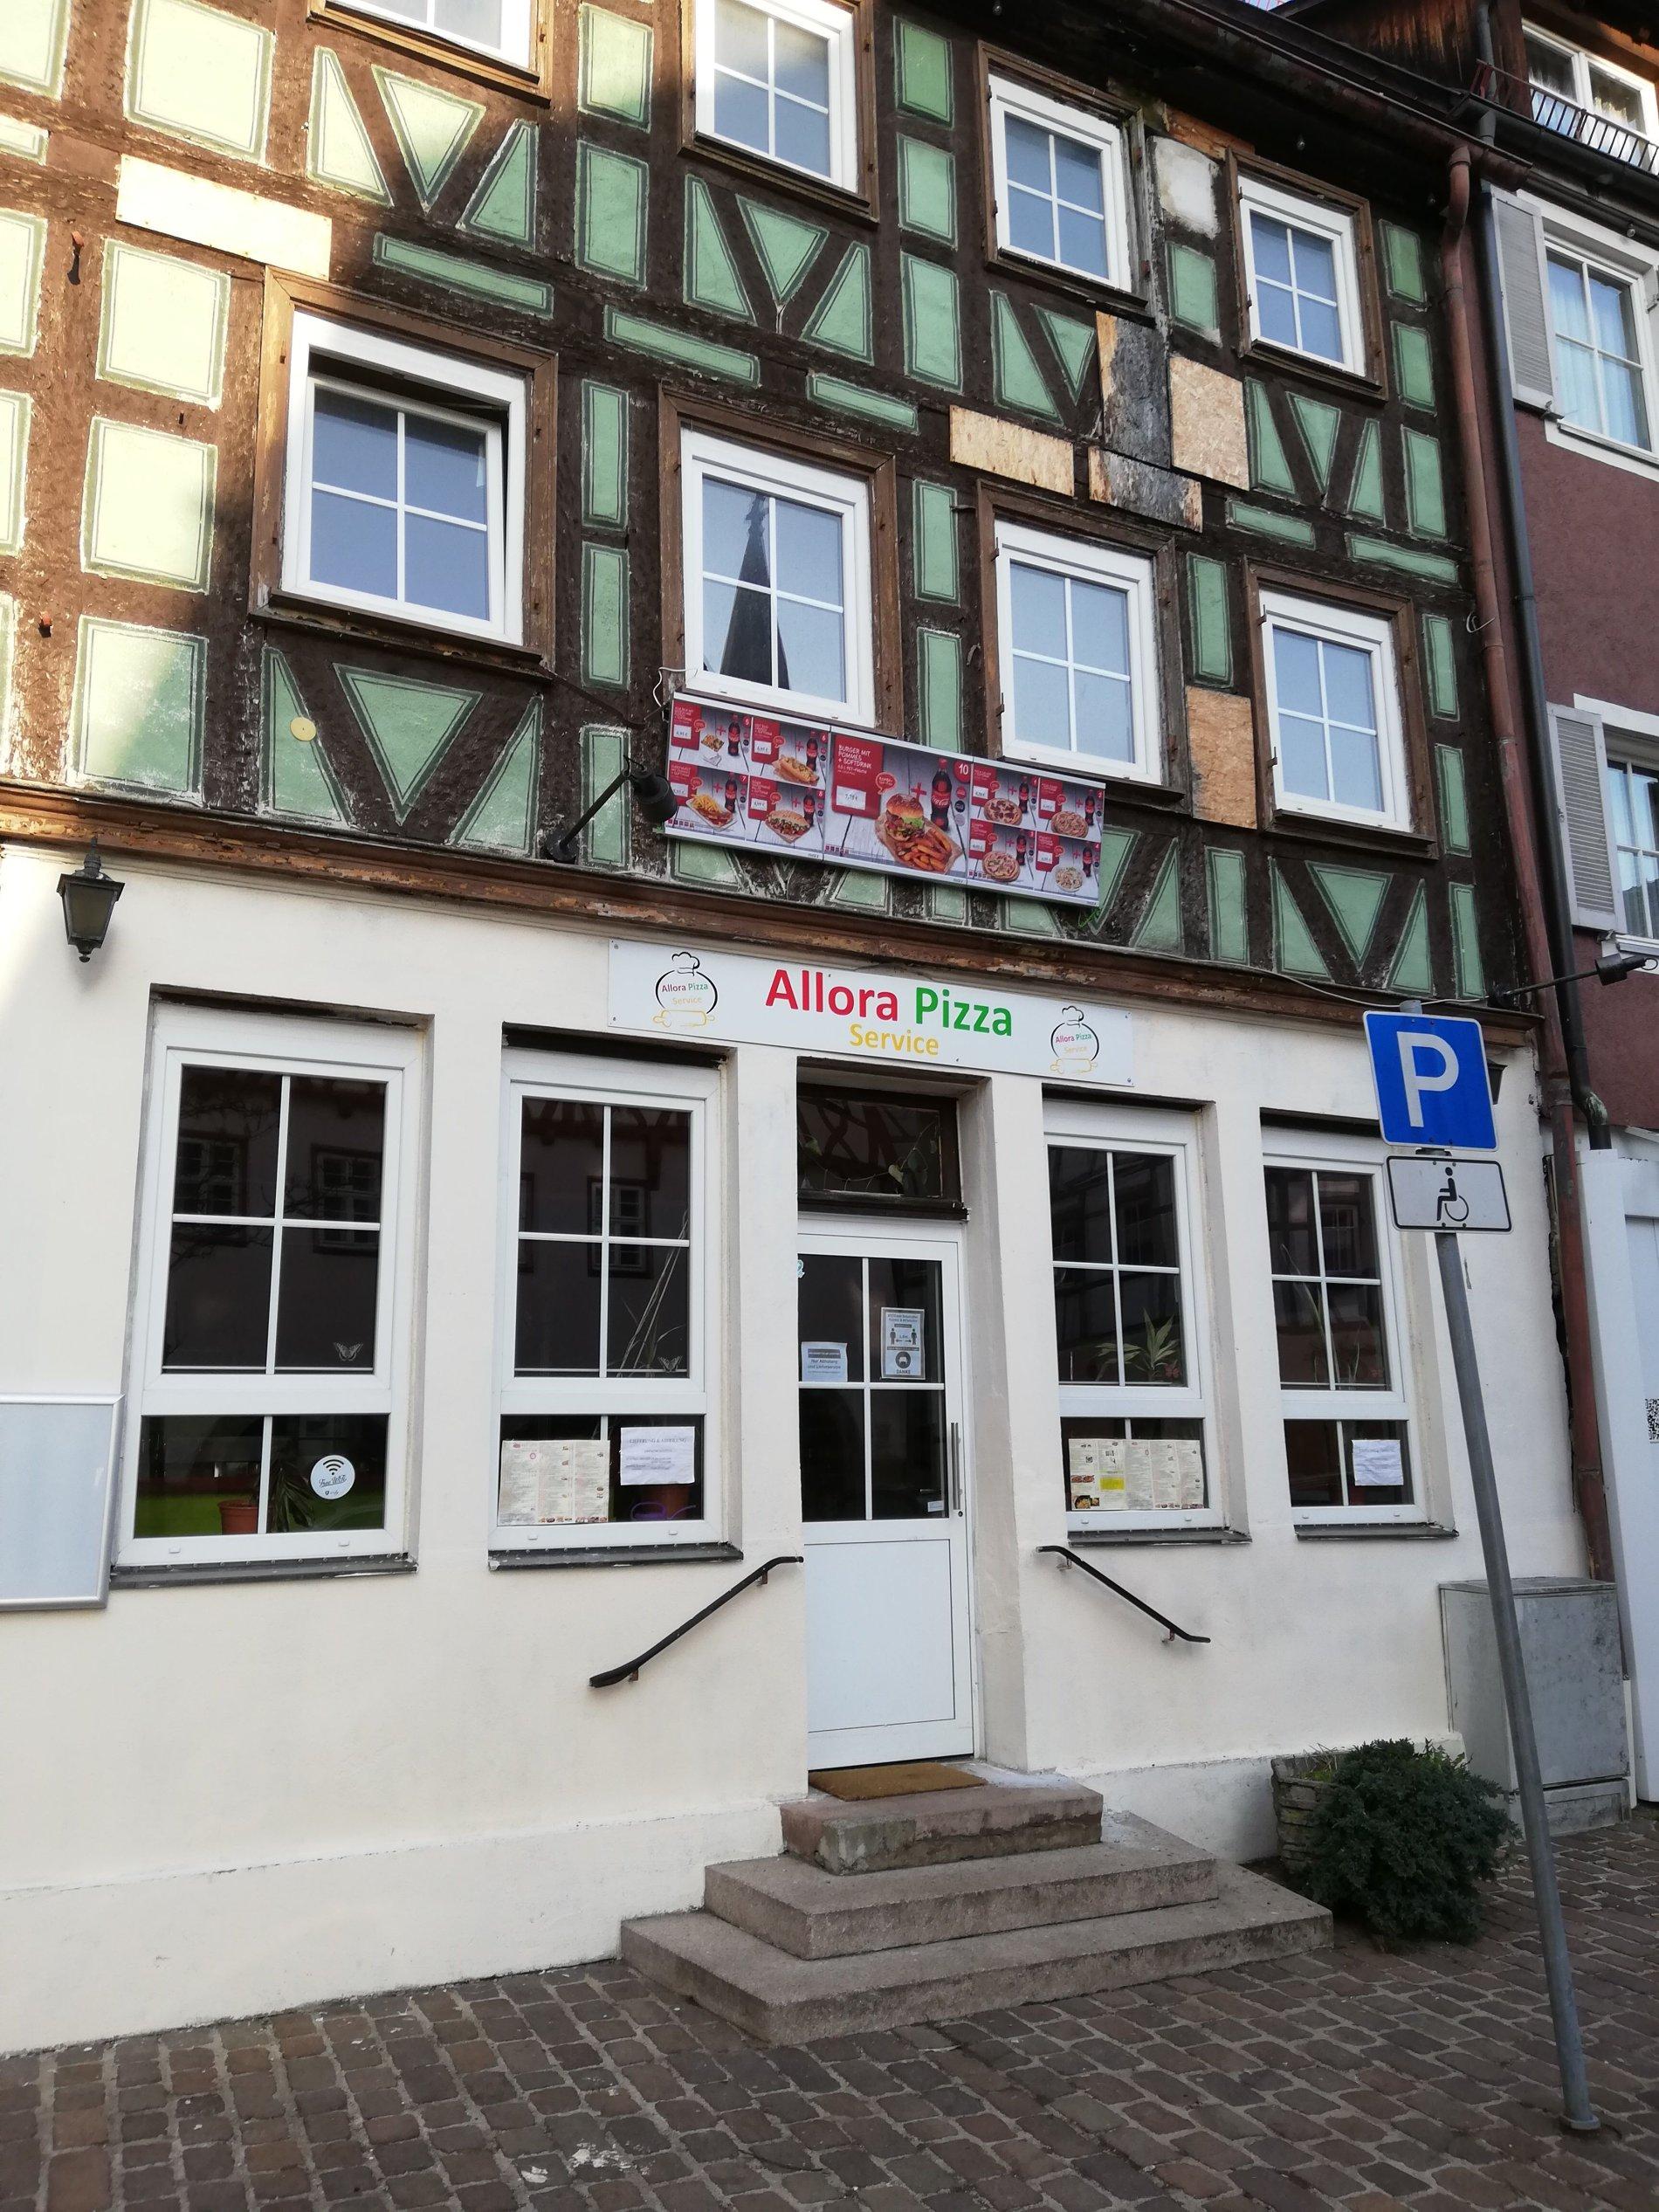 Eingang des Allora Pizza Abholservice, neben der Eingangstür sind rechts und links 2 Fenster